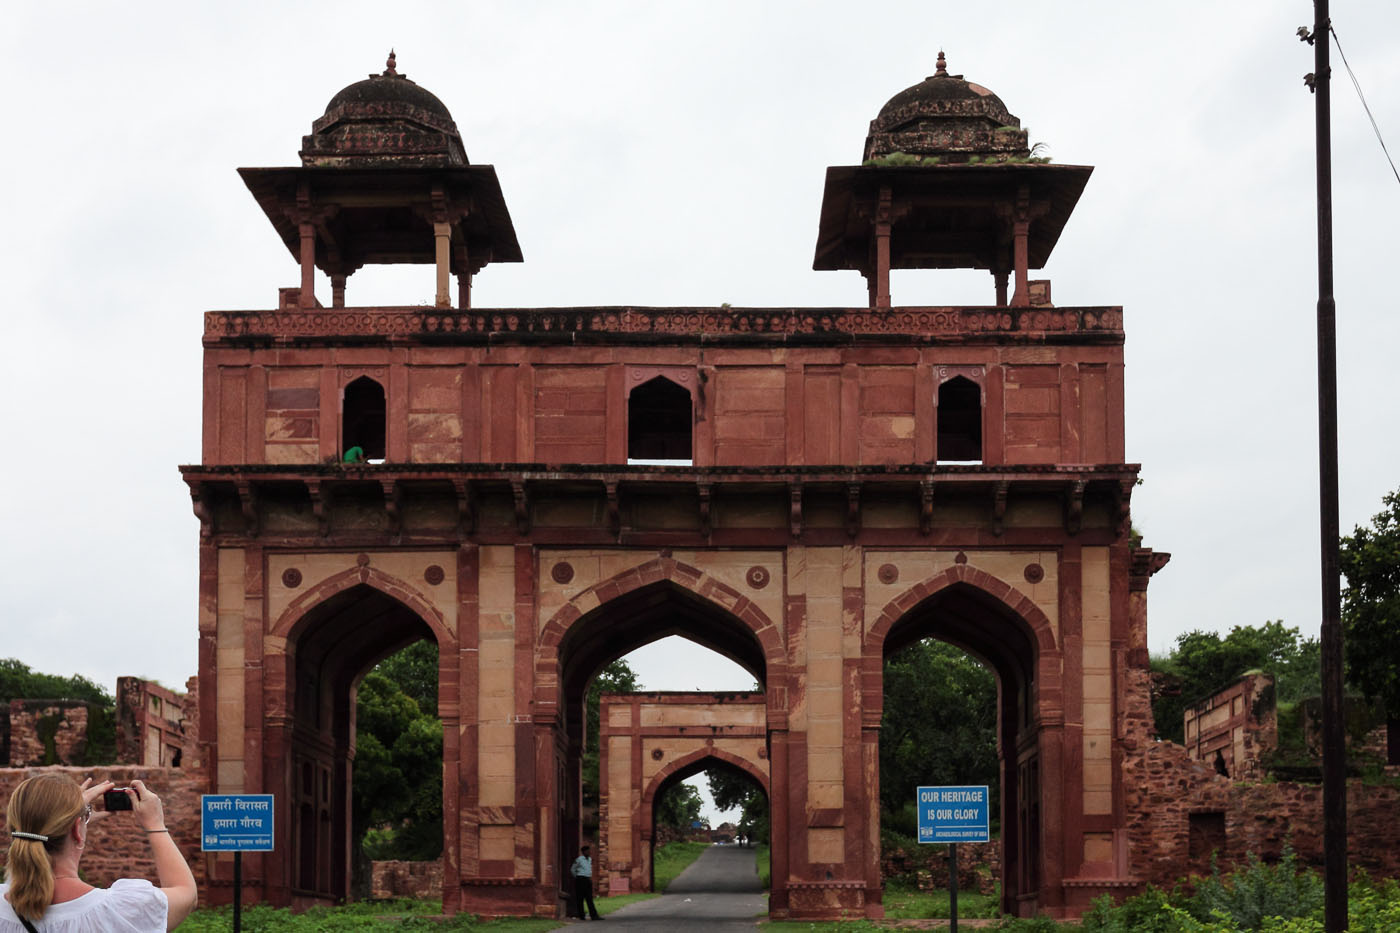 Фото 4. Ворота в Фатехпур Сикри. Отчет о поездке из Джайпура в Агру. Экскурсии по Золотому треугольнику Индии.